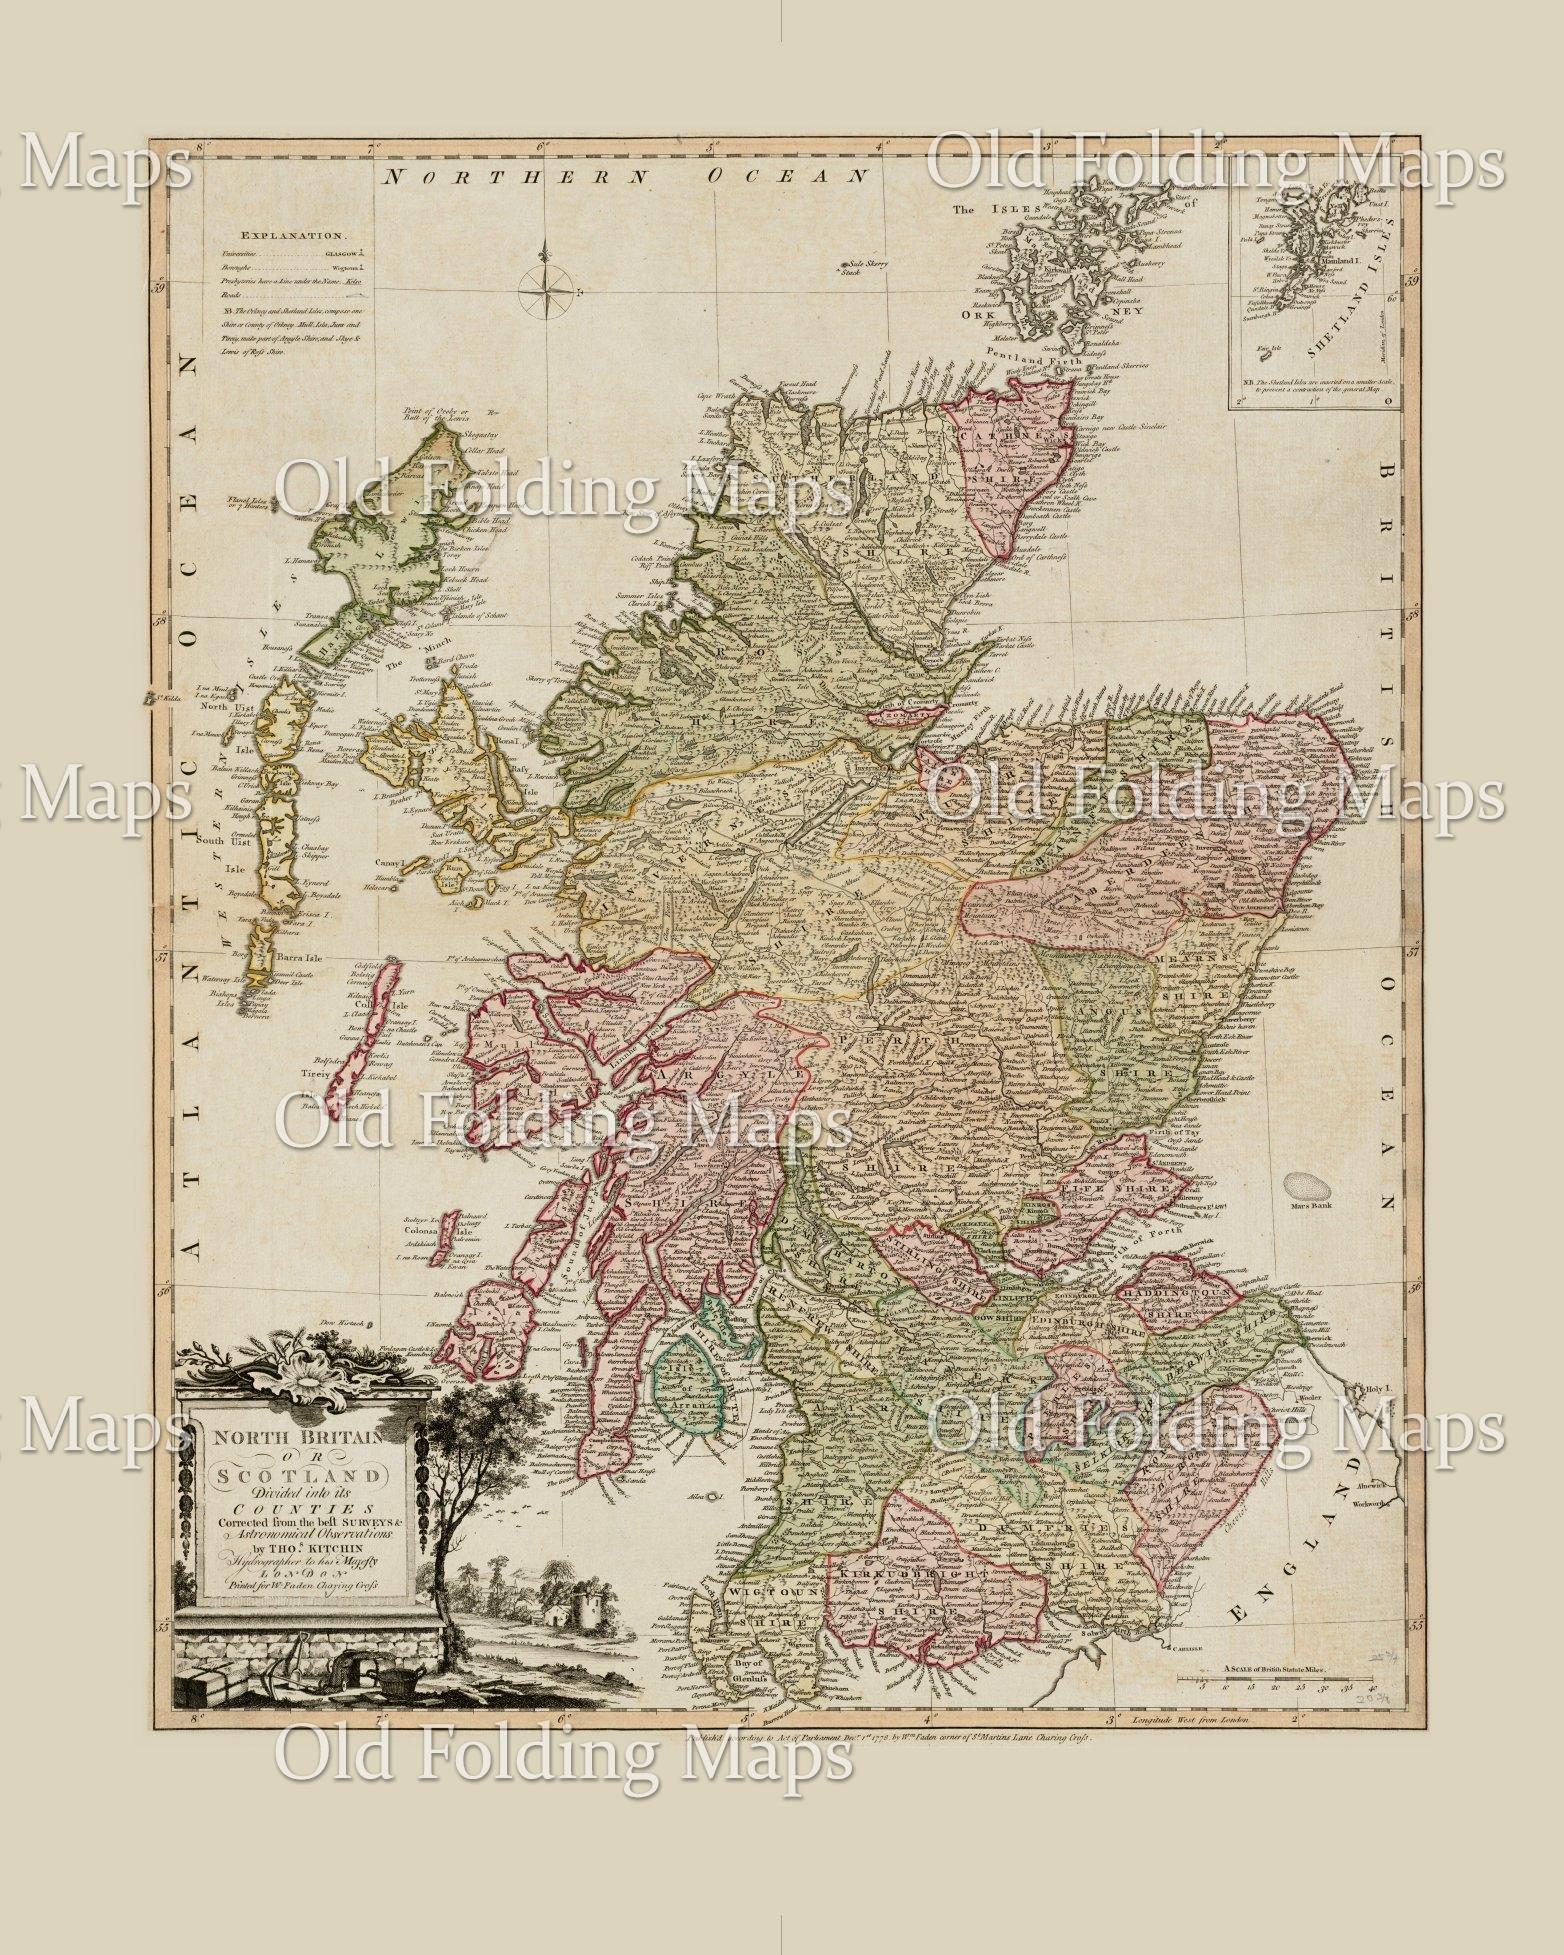 Old Map of Scotland circa 1788